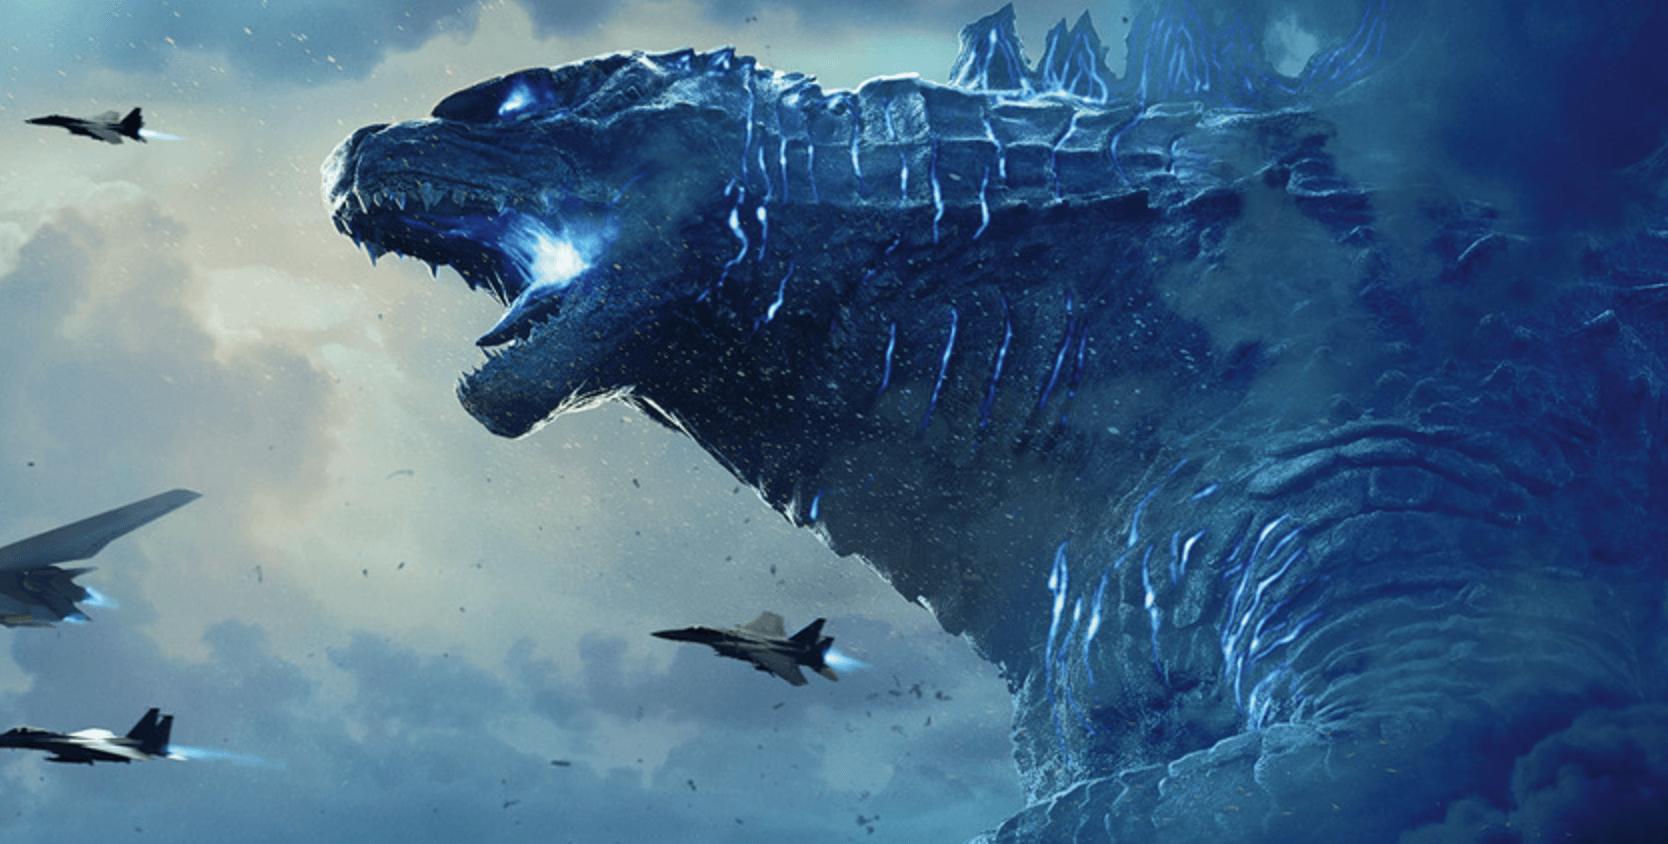 História e origem do lendário Godzilla